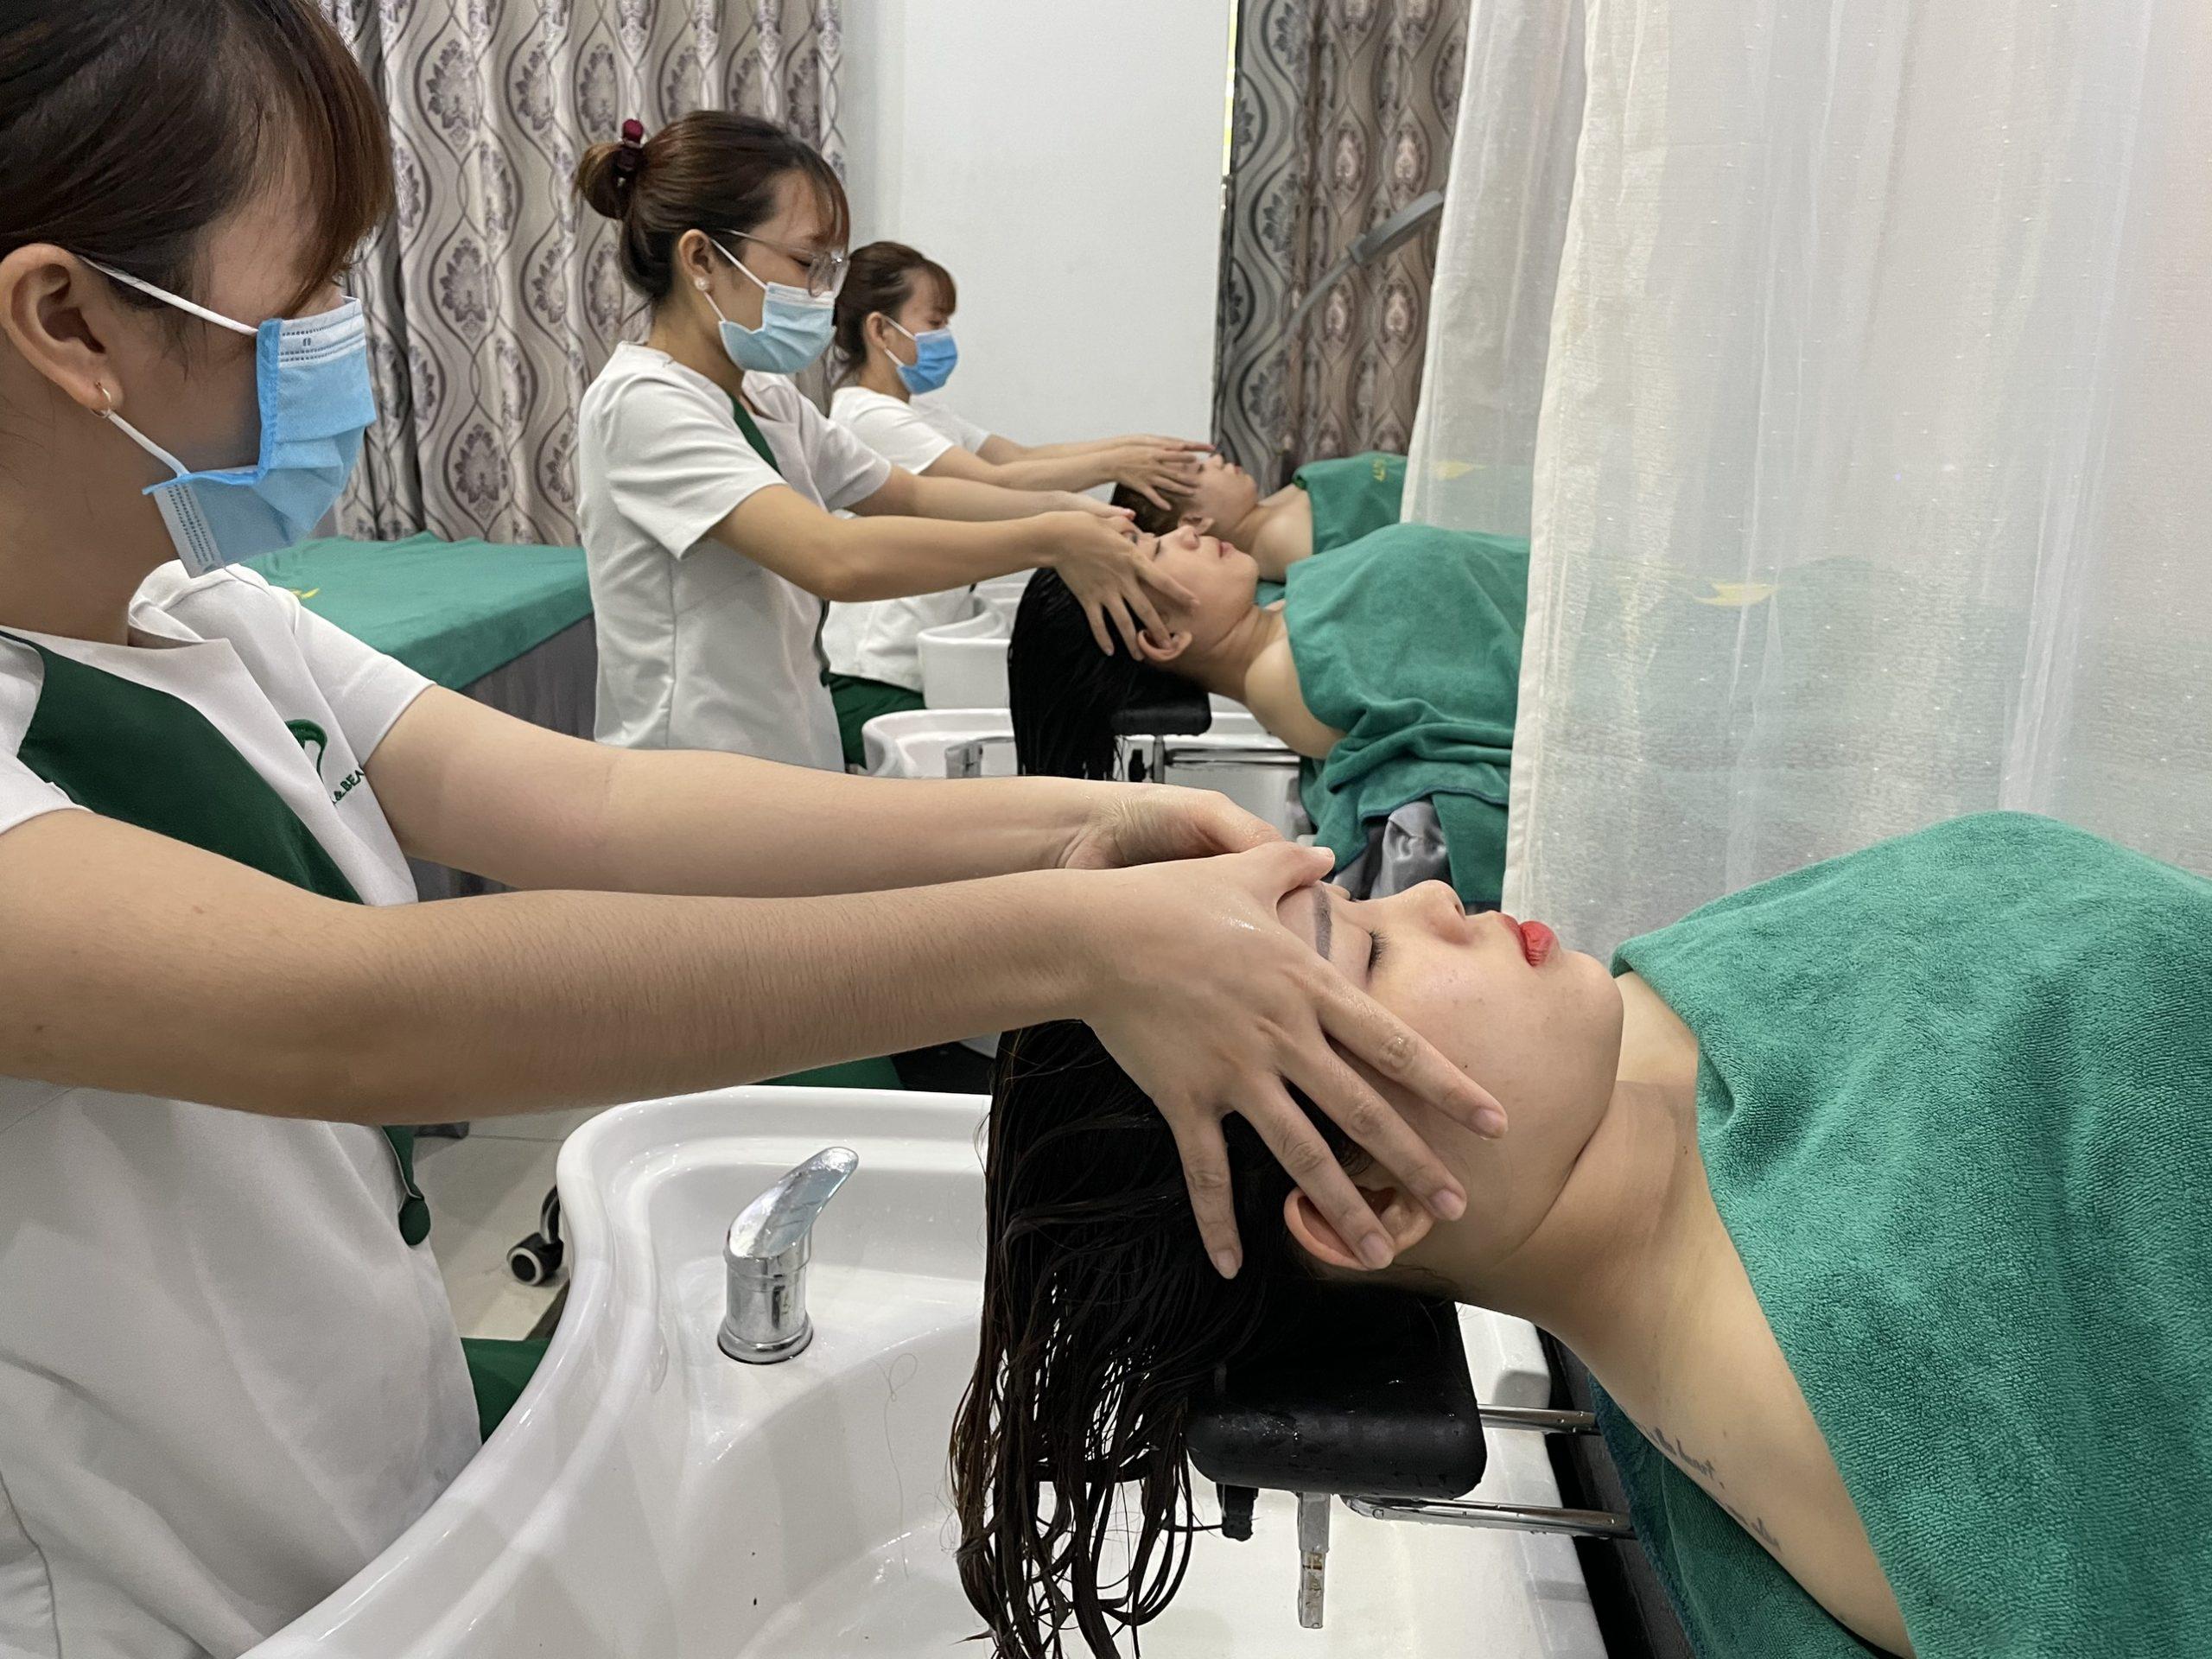 Bấm huyệt toàn trúc giảm đau đầu